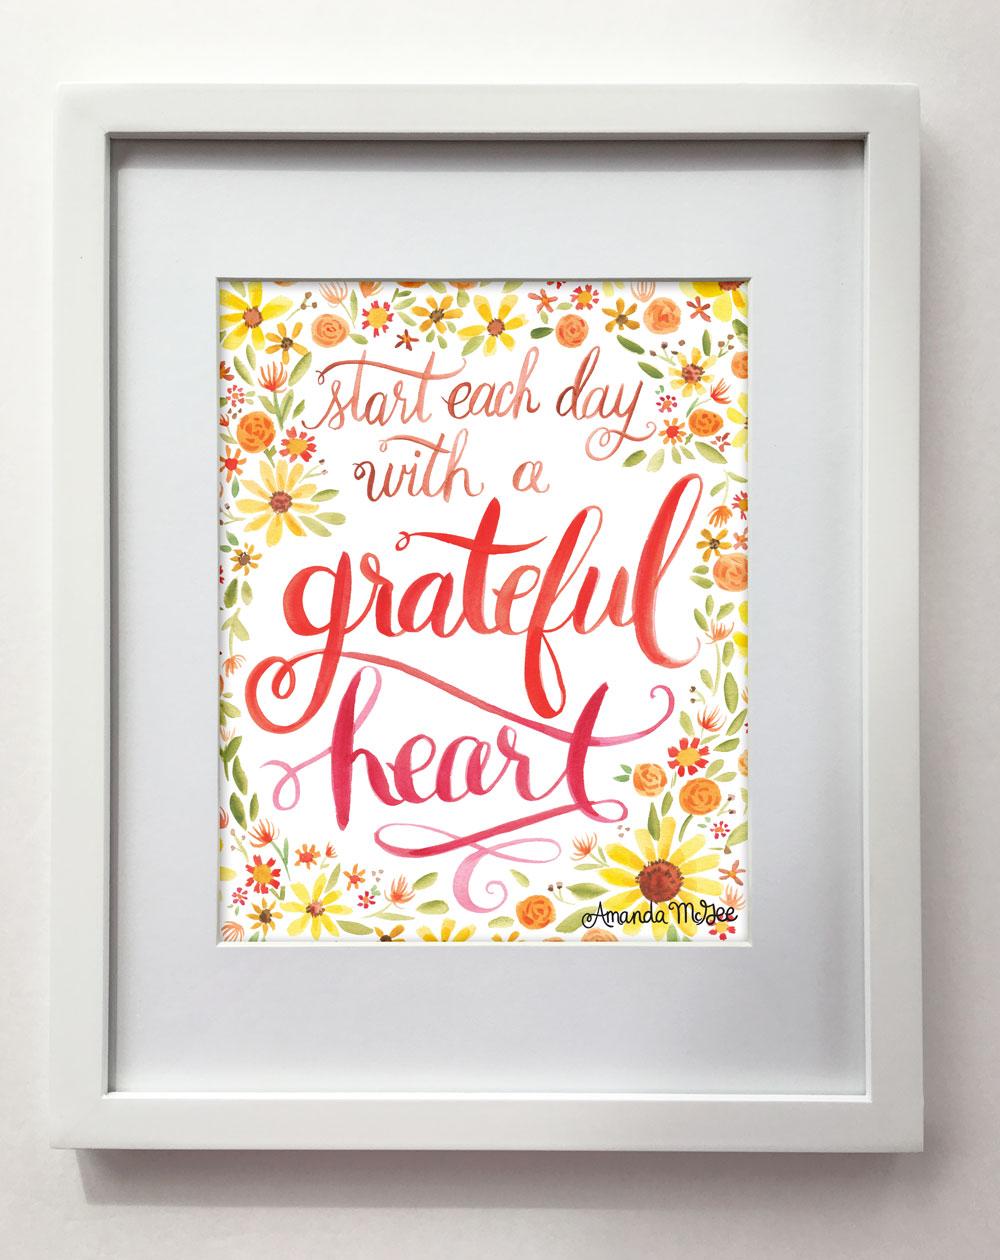 AM_GratefulHeart-1.jpg